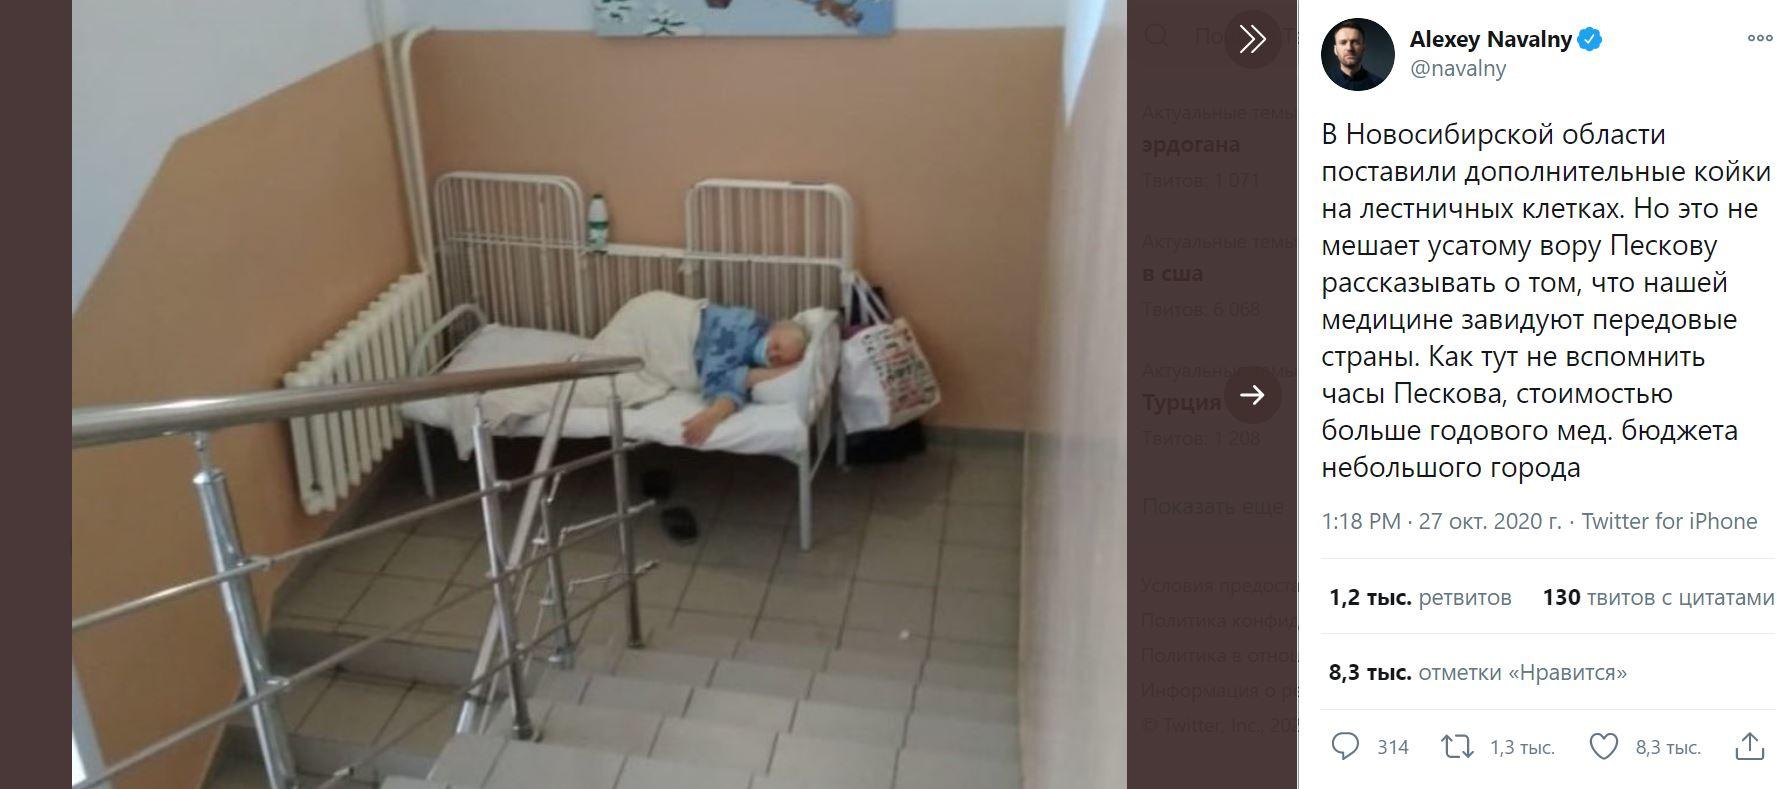 https://ic.pics.livejournal.com/a_nikonov/9673245/1595176/1595176_original.jpg